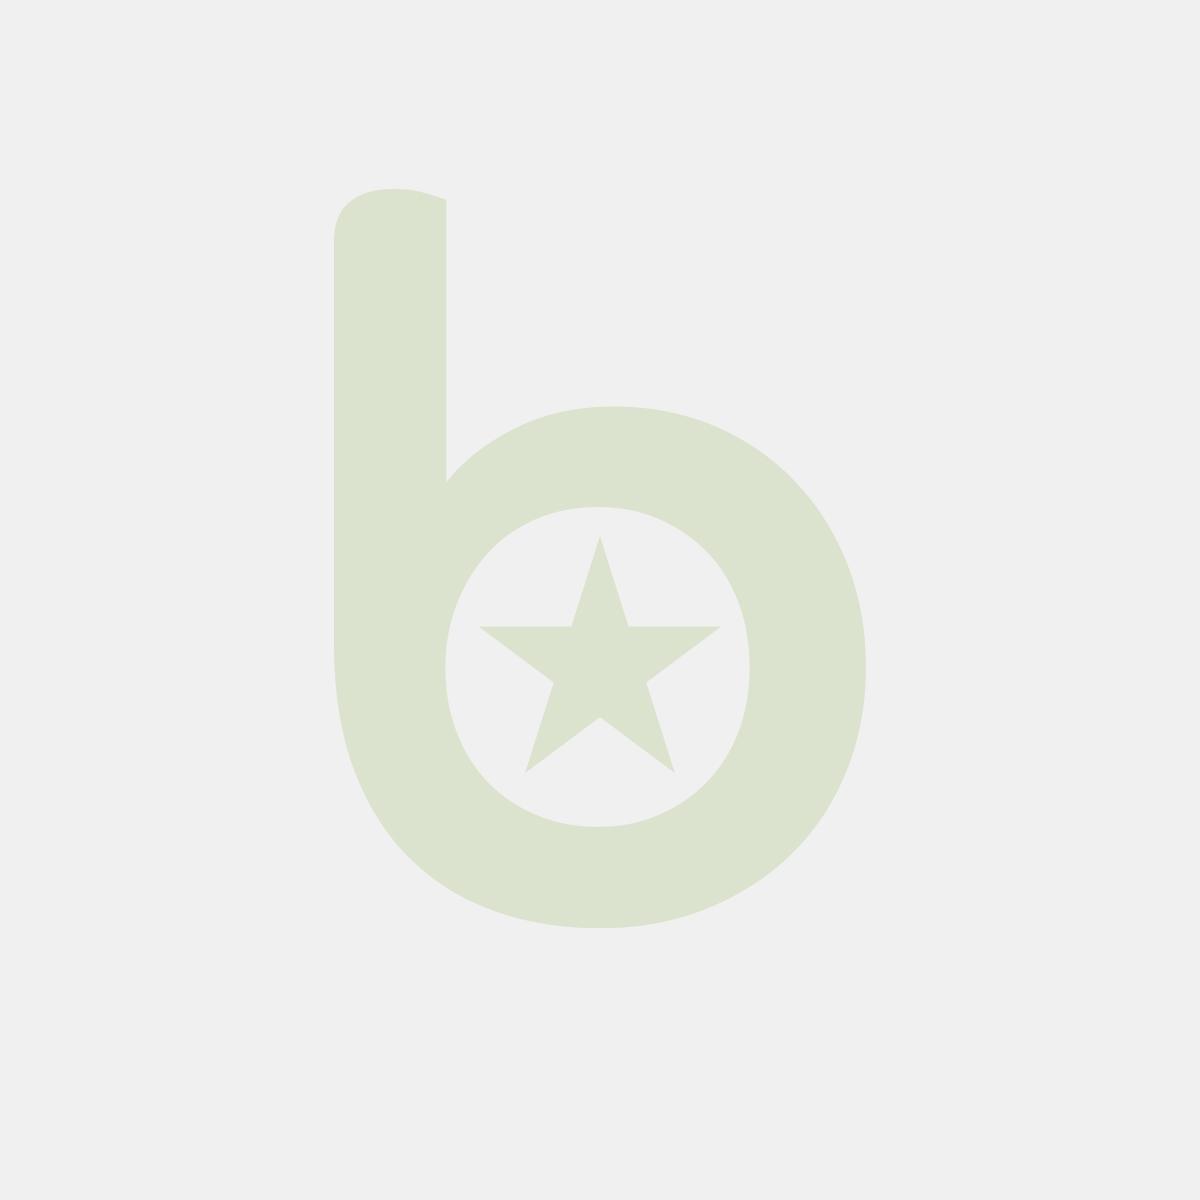 Pokrywka Do Gn Kitchen Line - Z Wycięciem Na Chochlę Gn 1/3